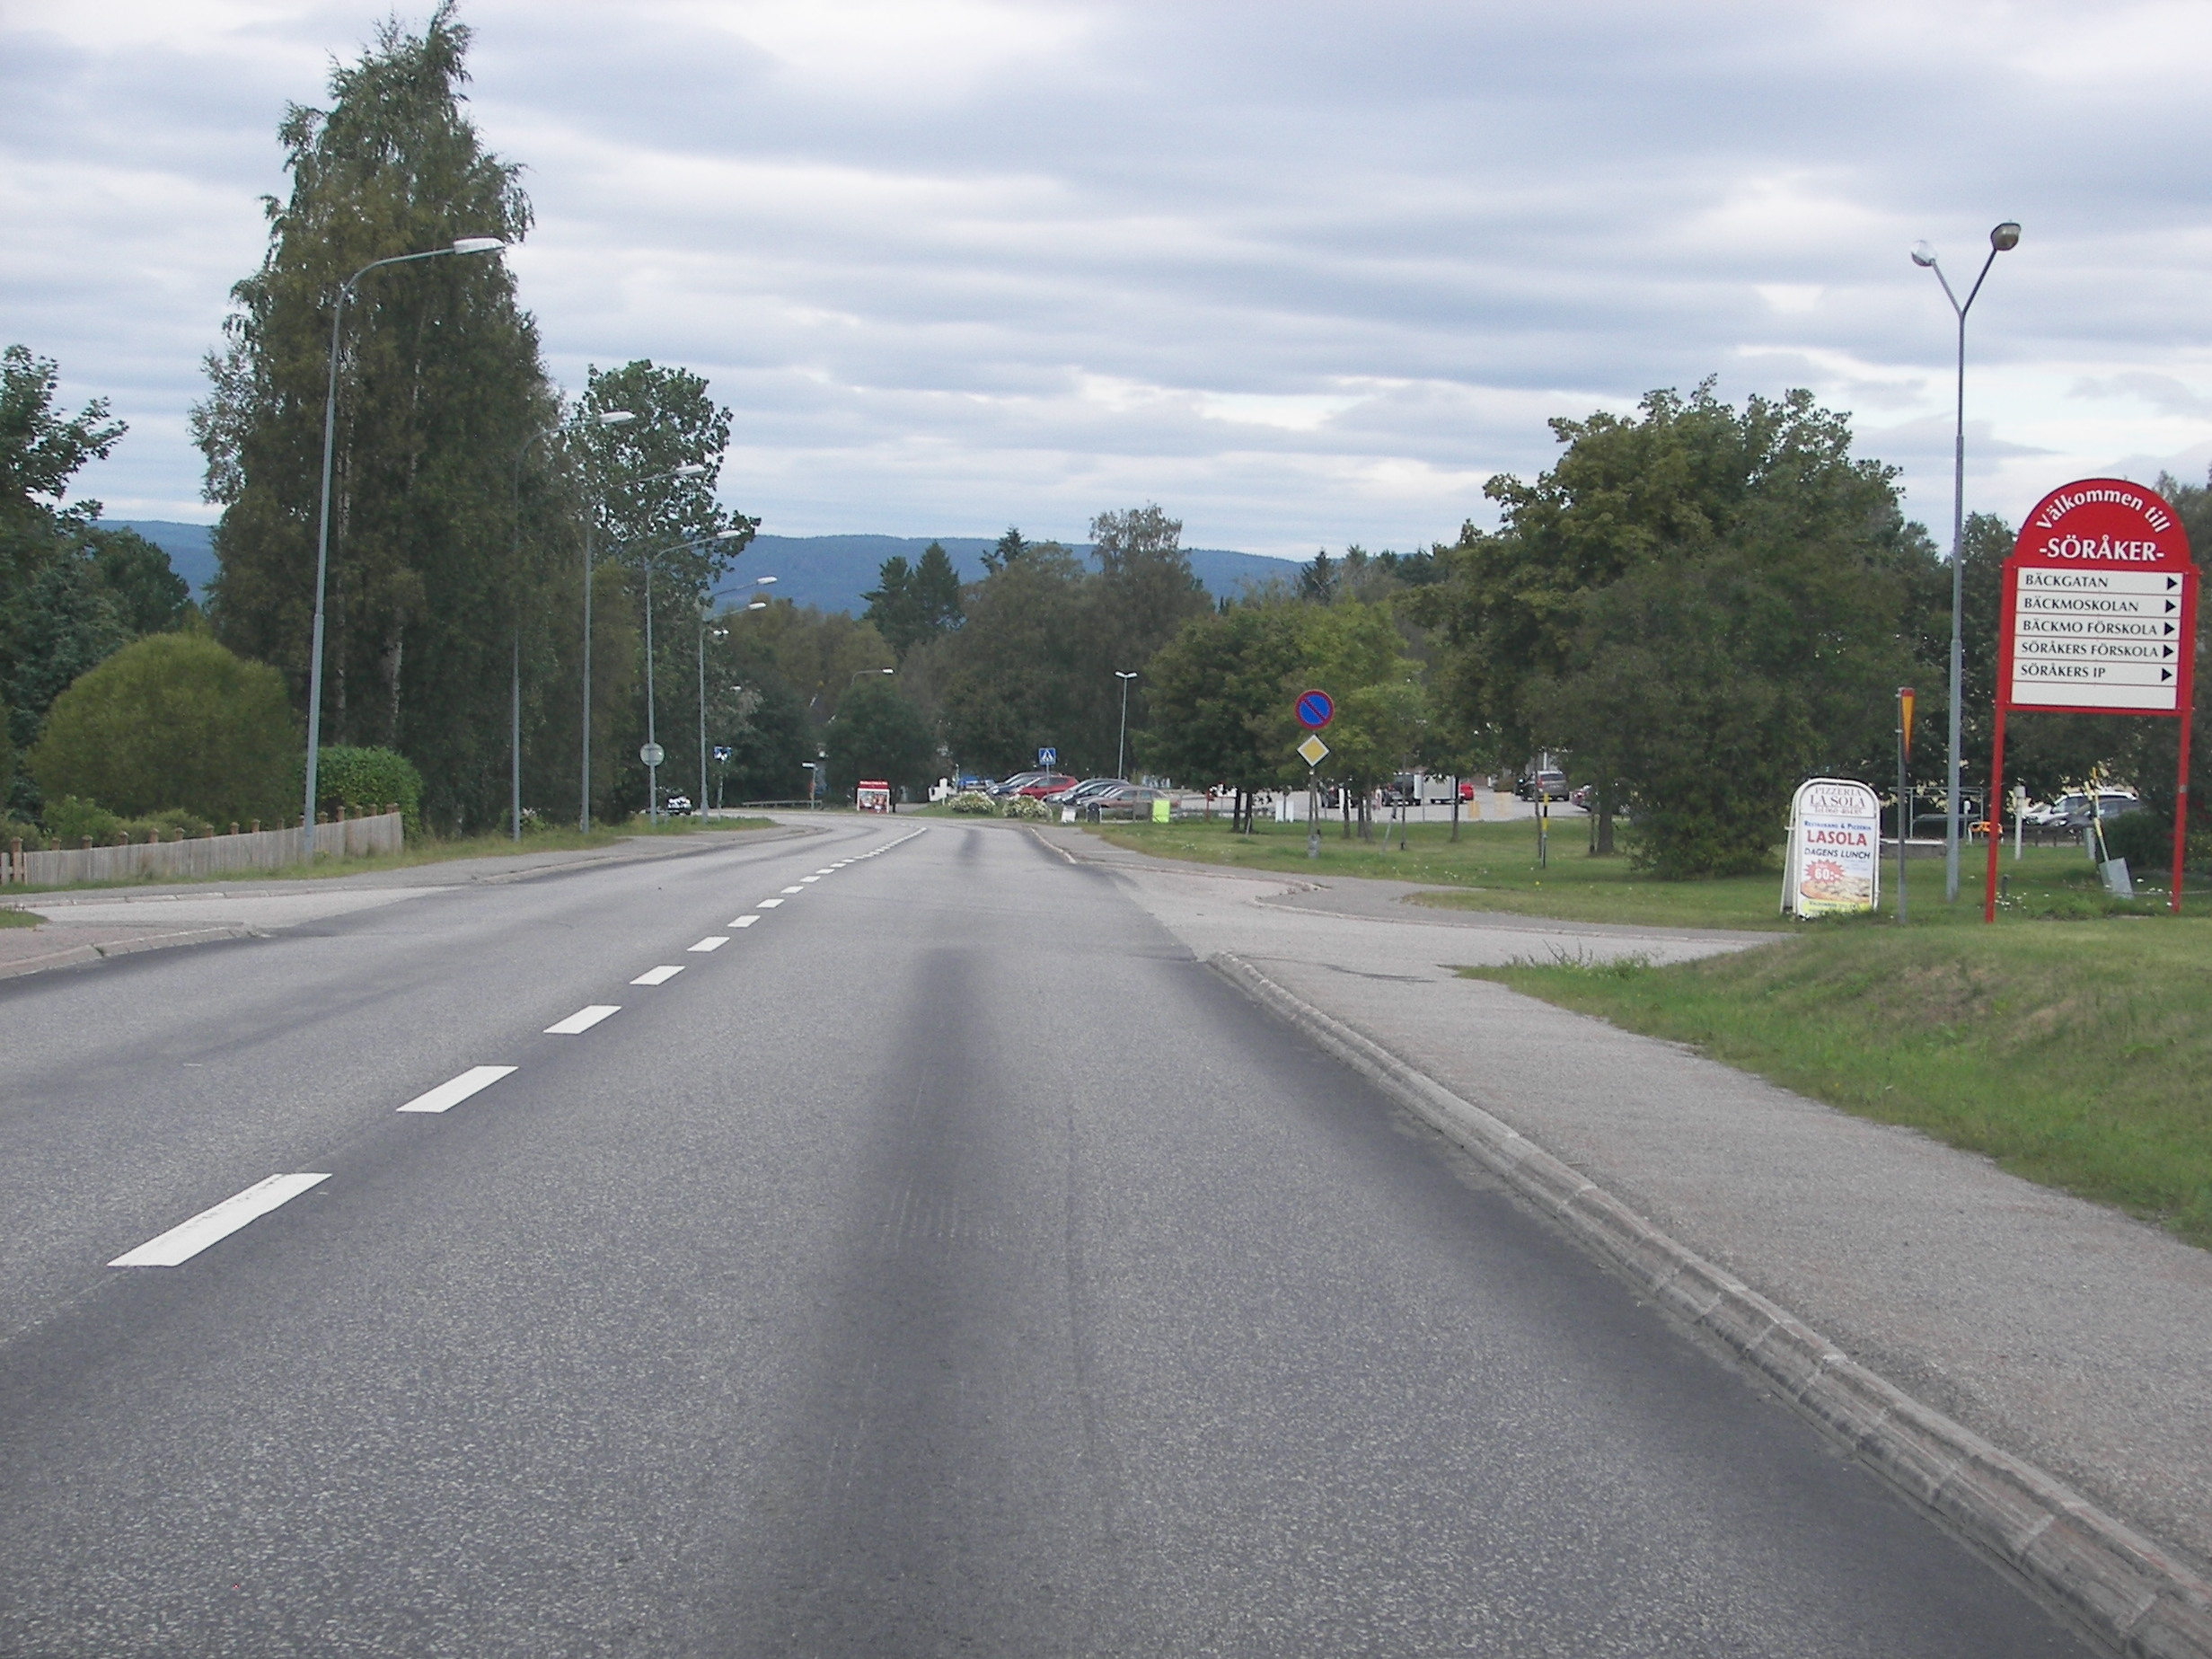 Date Söråker (4 Sökträffar) - Personer | volumepills-blog.com